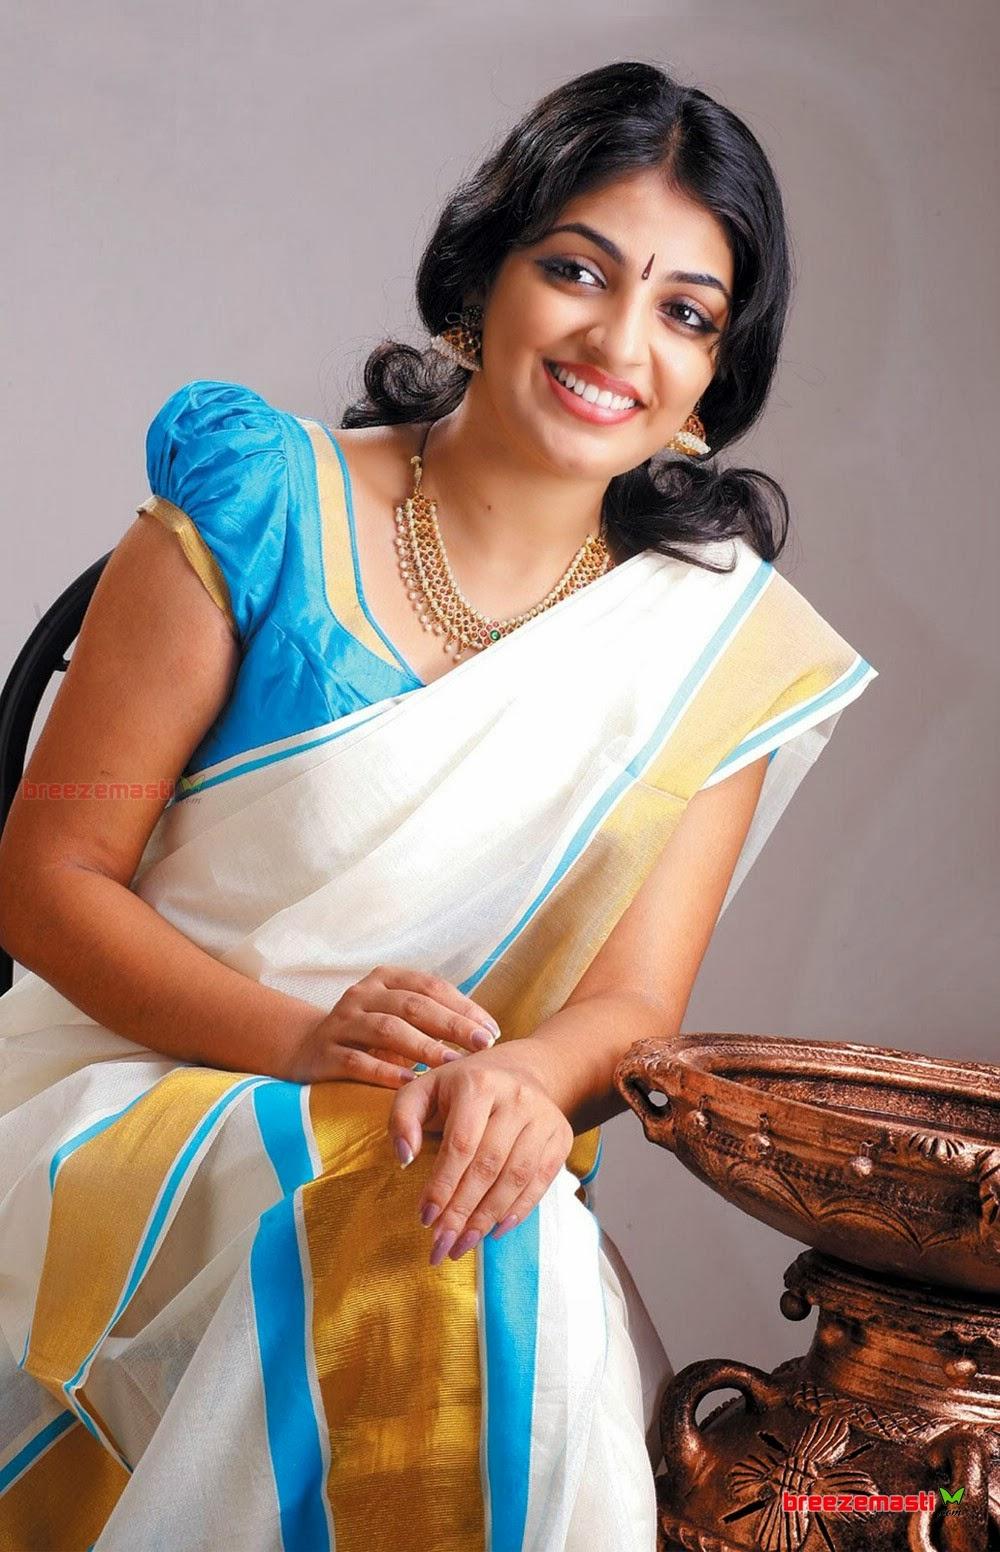 Tamil aunties realnude stills — img 14